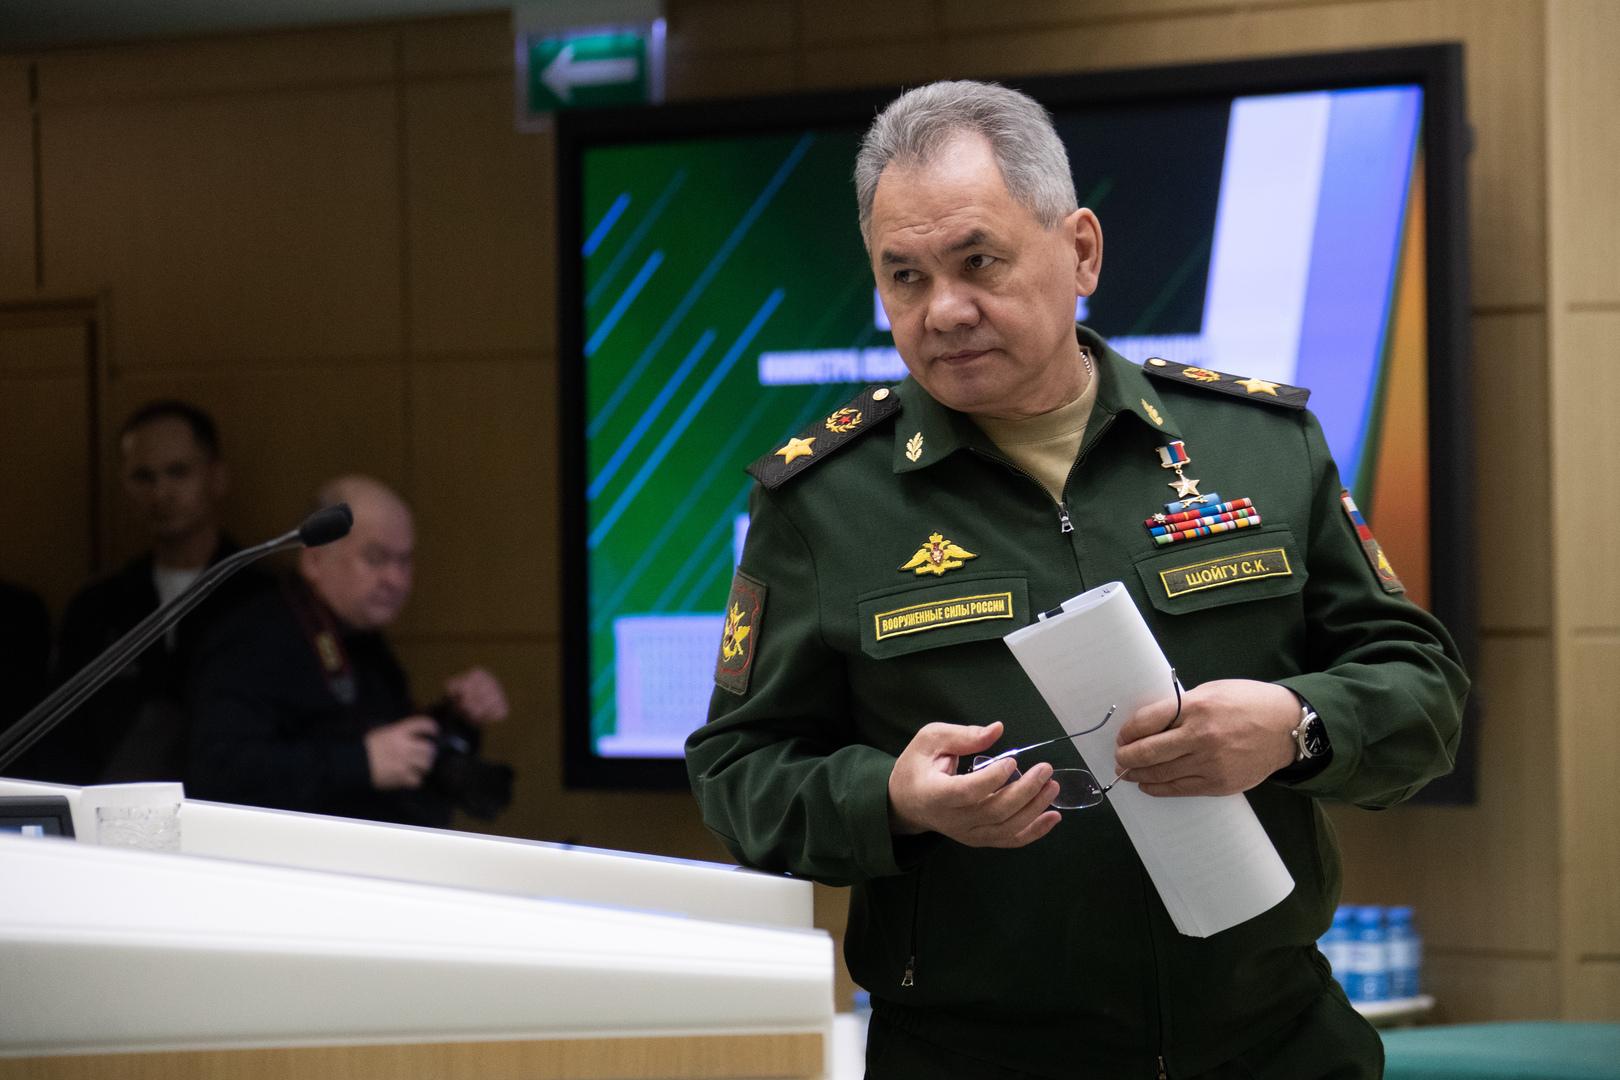 شويغو لنظيره الأذربيجاني: اختبارات الجيش الروسي المفاجئة لا علاقة لها بالوضع بين أرمينيا وأذربيجان